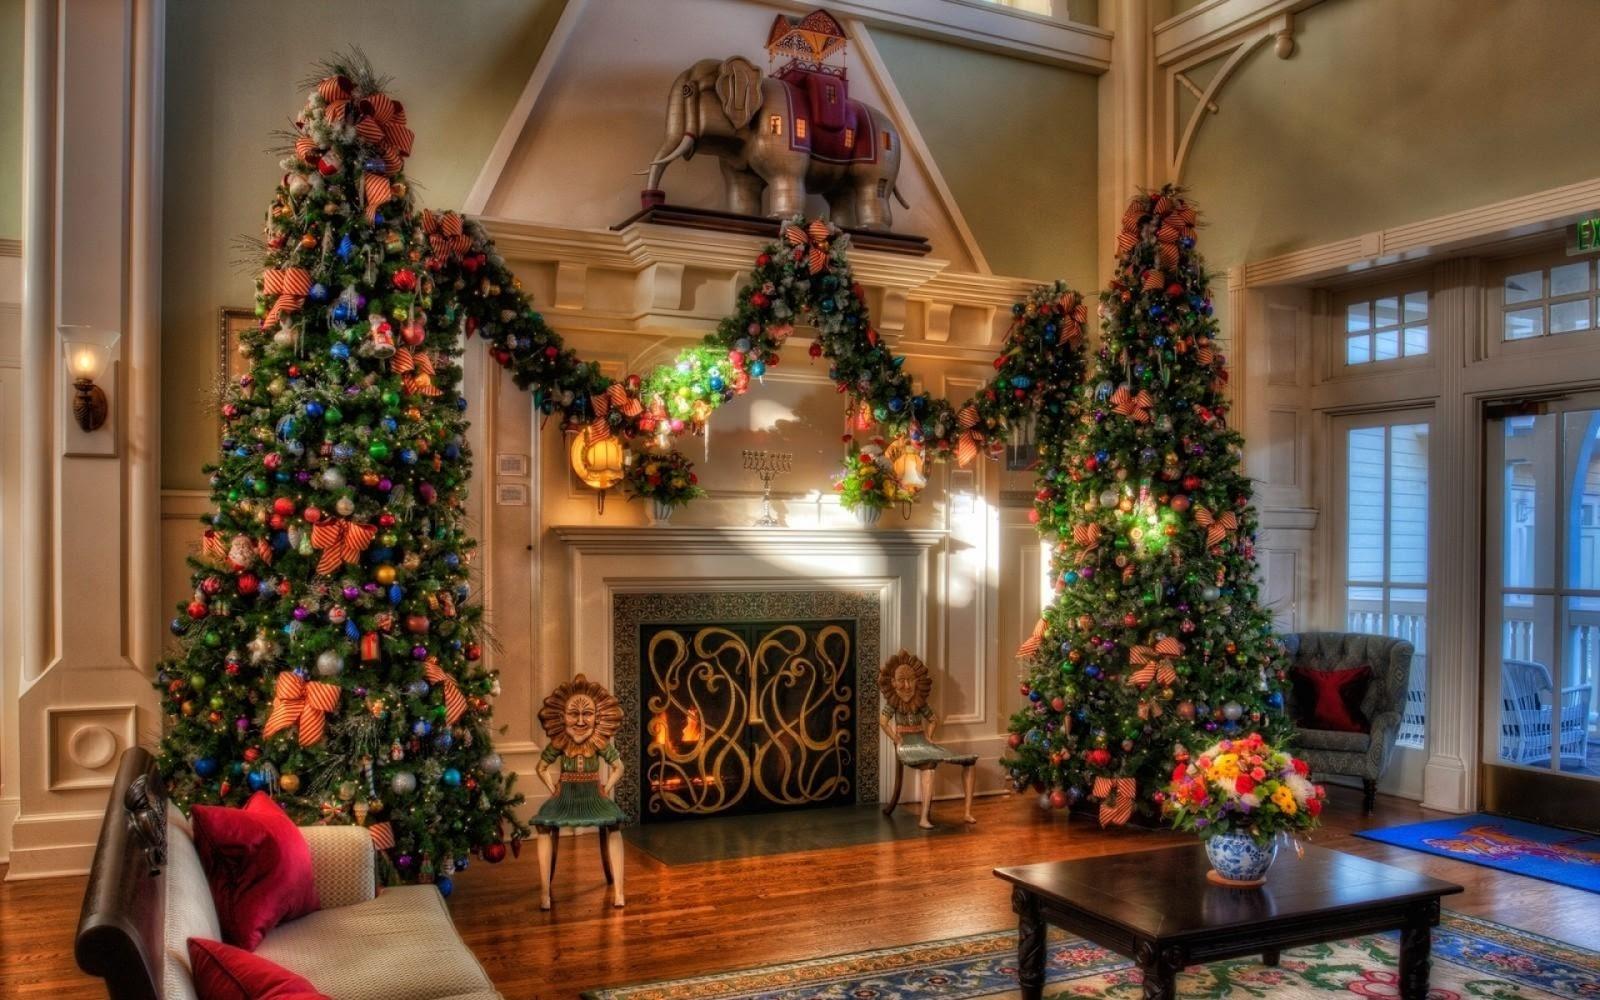 Fachada de casas decoradas para navidad frases de amor - Casas decoradas en navidad ...